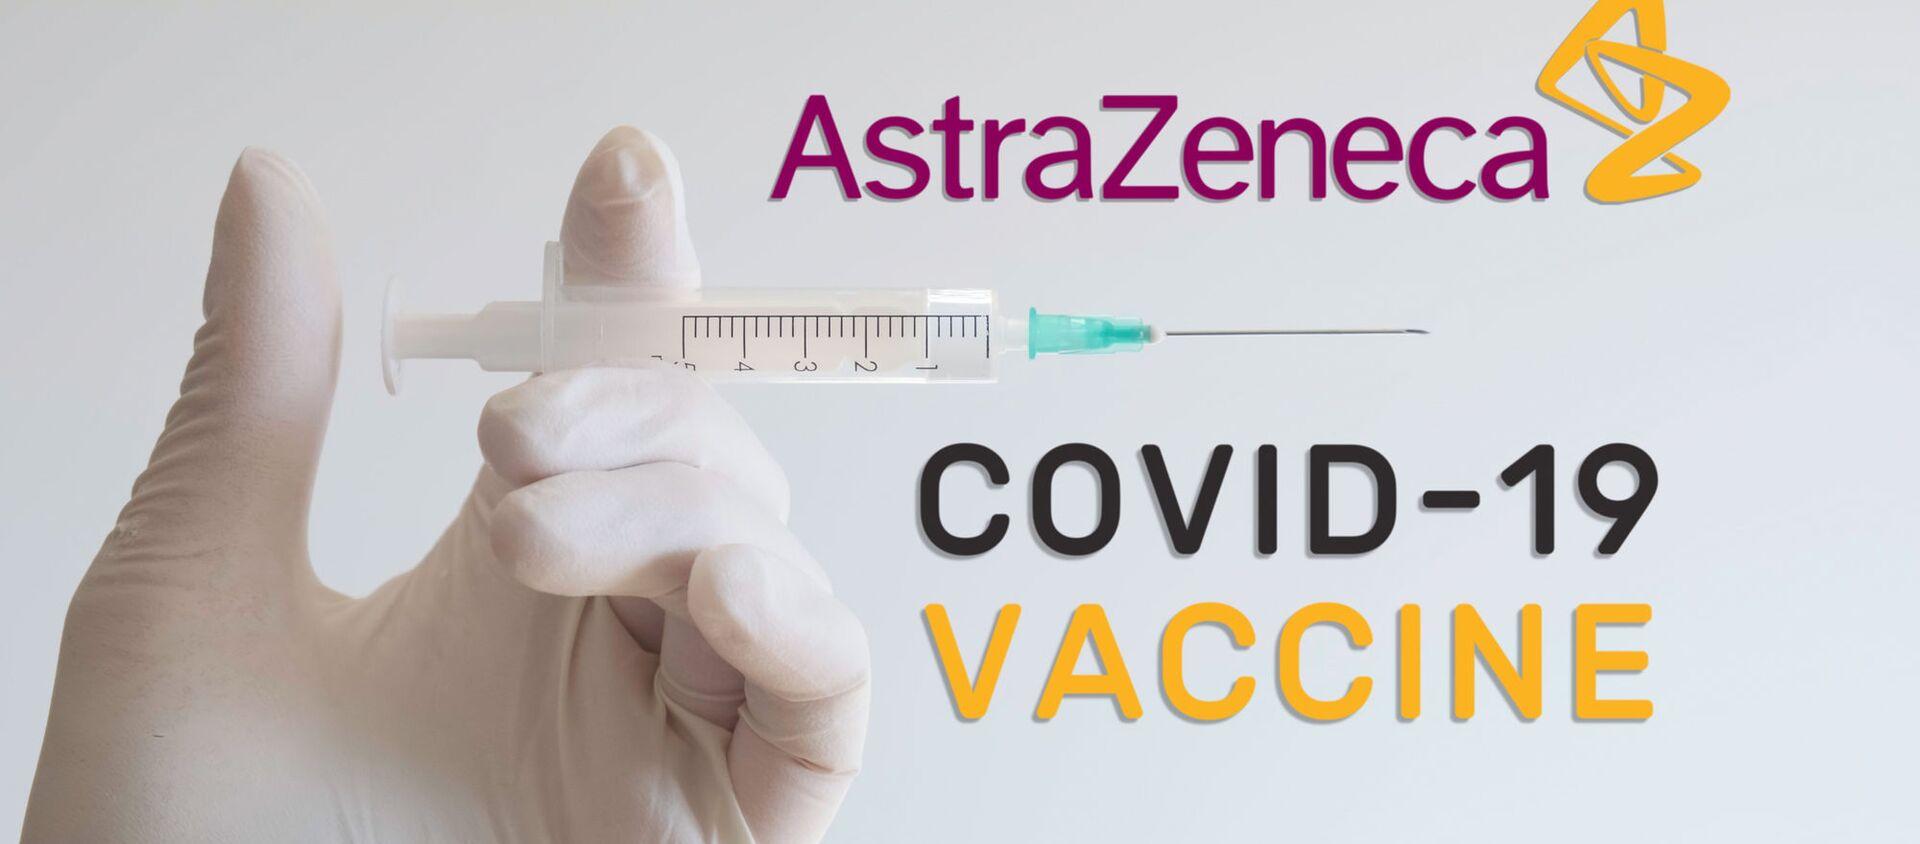 Vaccine AstraZeneca. - Sputnik Việt Nam, 1920, 21.08.2021